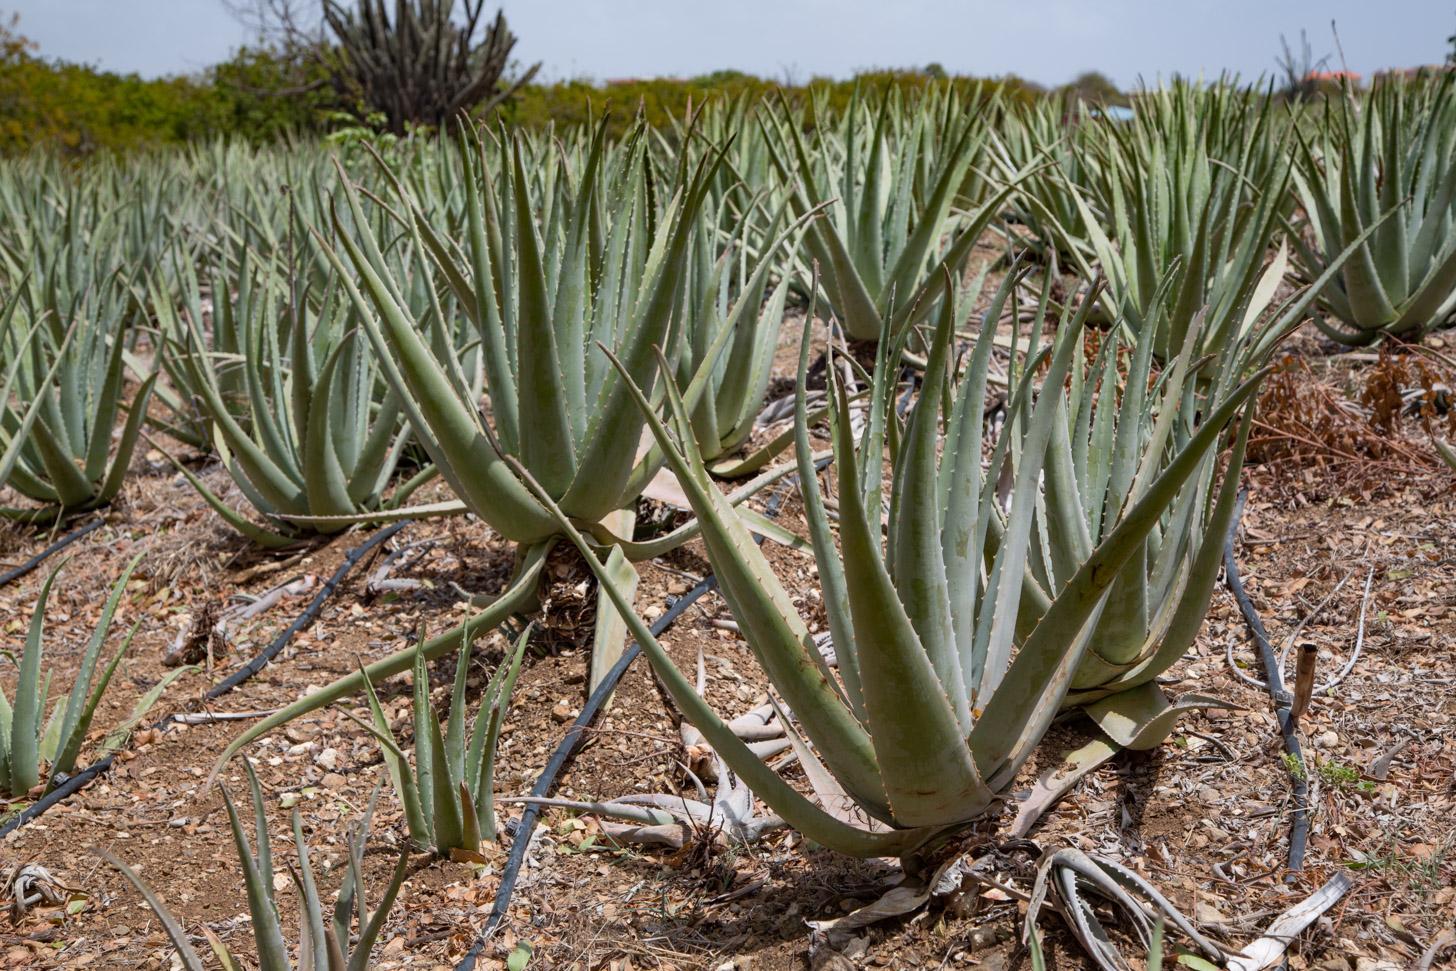 Aloe vera wordt commercieel verbouwd op het eiland Curacao